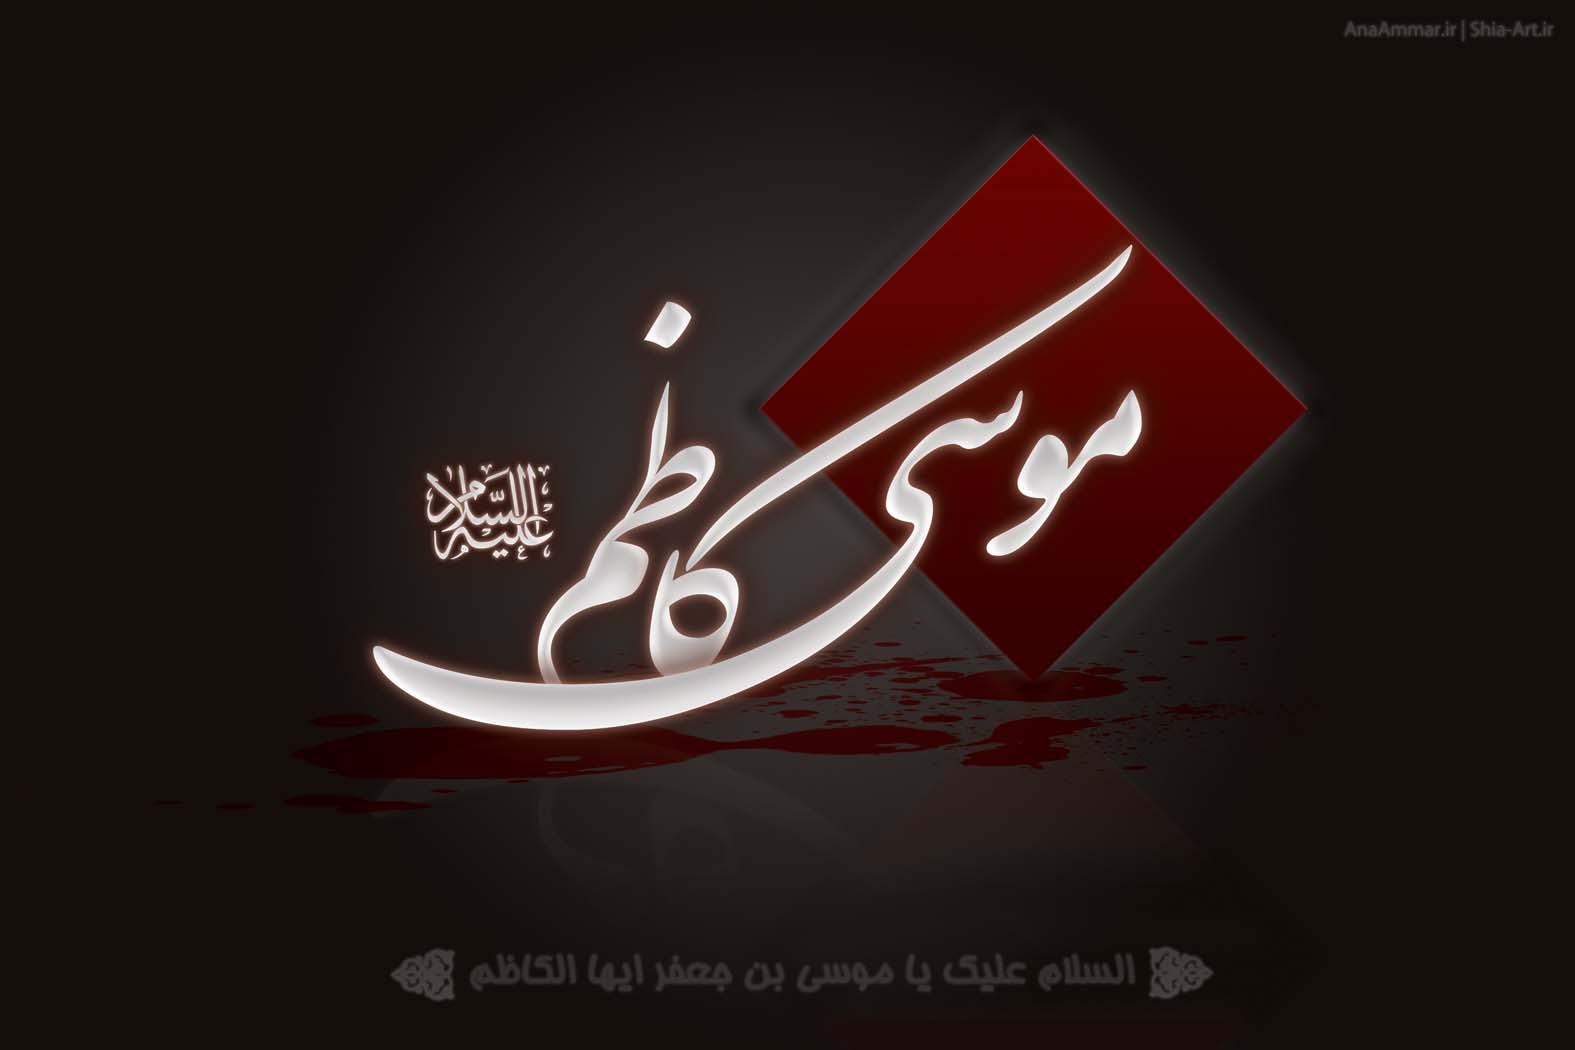 منبر سیره تربیتى امام کاظم